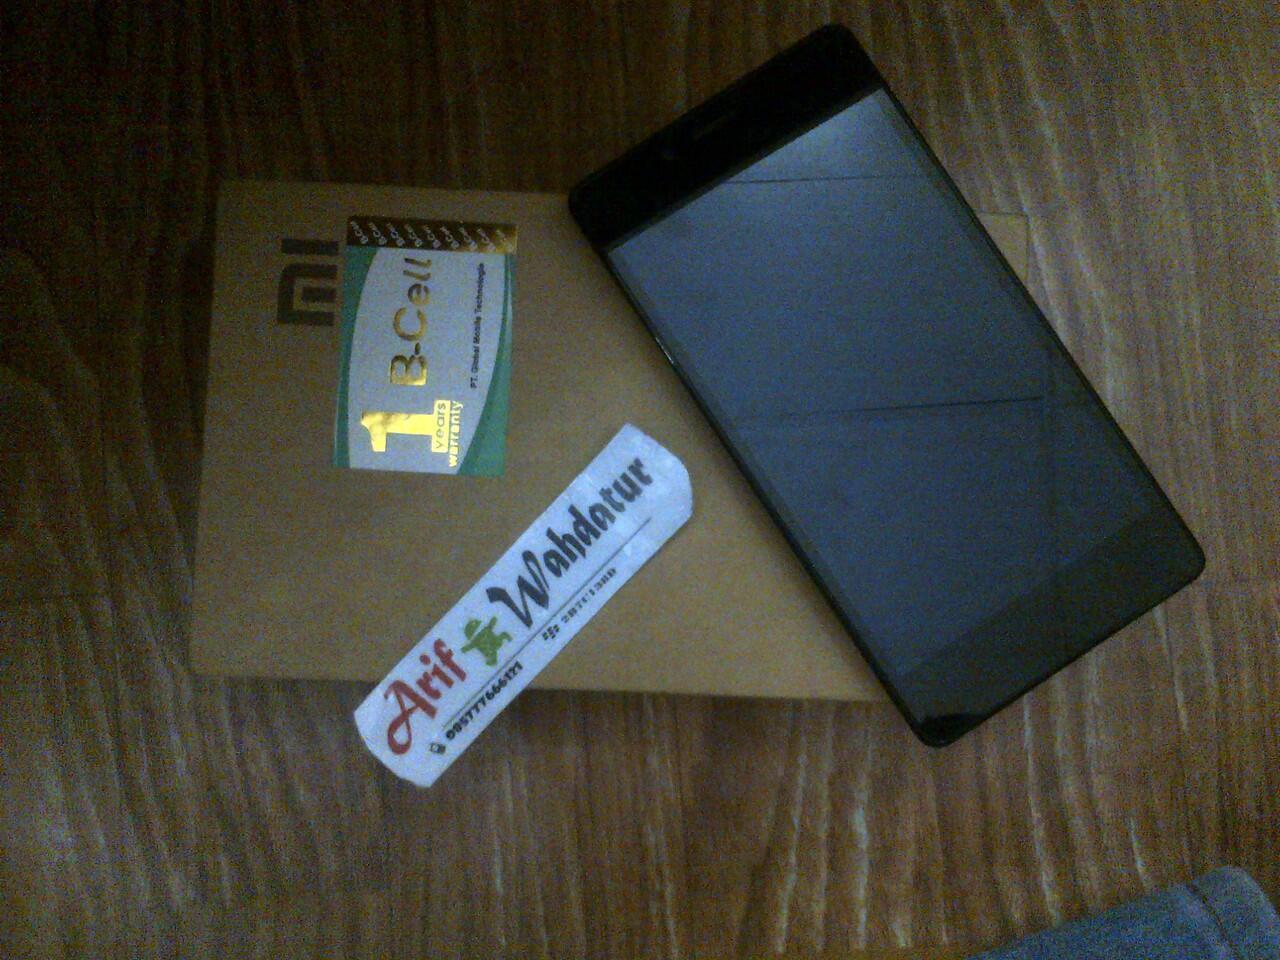 Jual Xiaomi Redmi Note Smartphone Murah & Limited STOK.